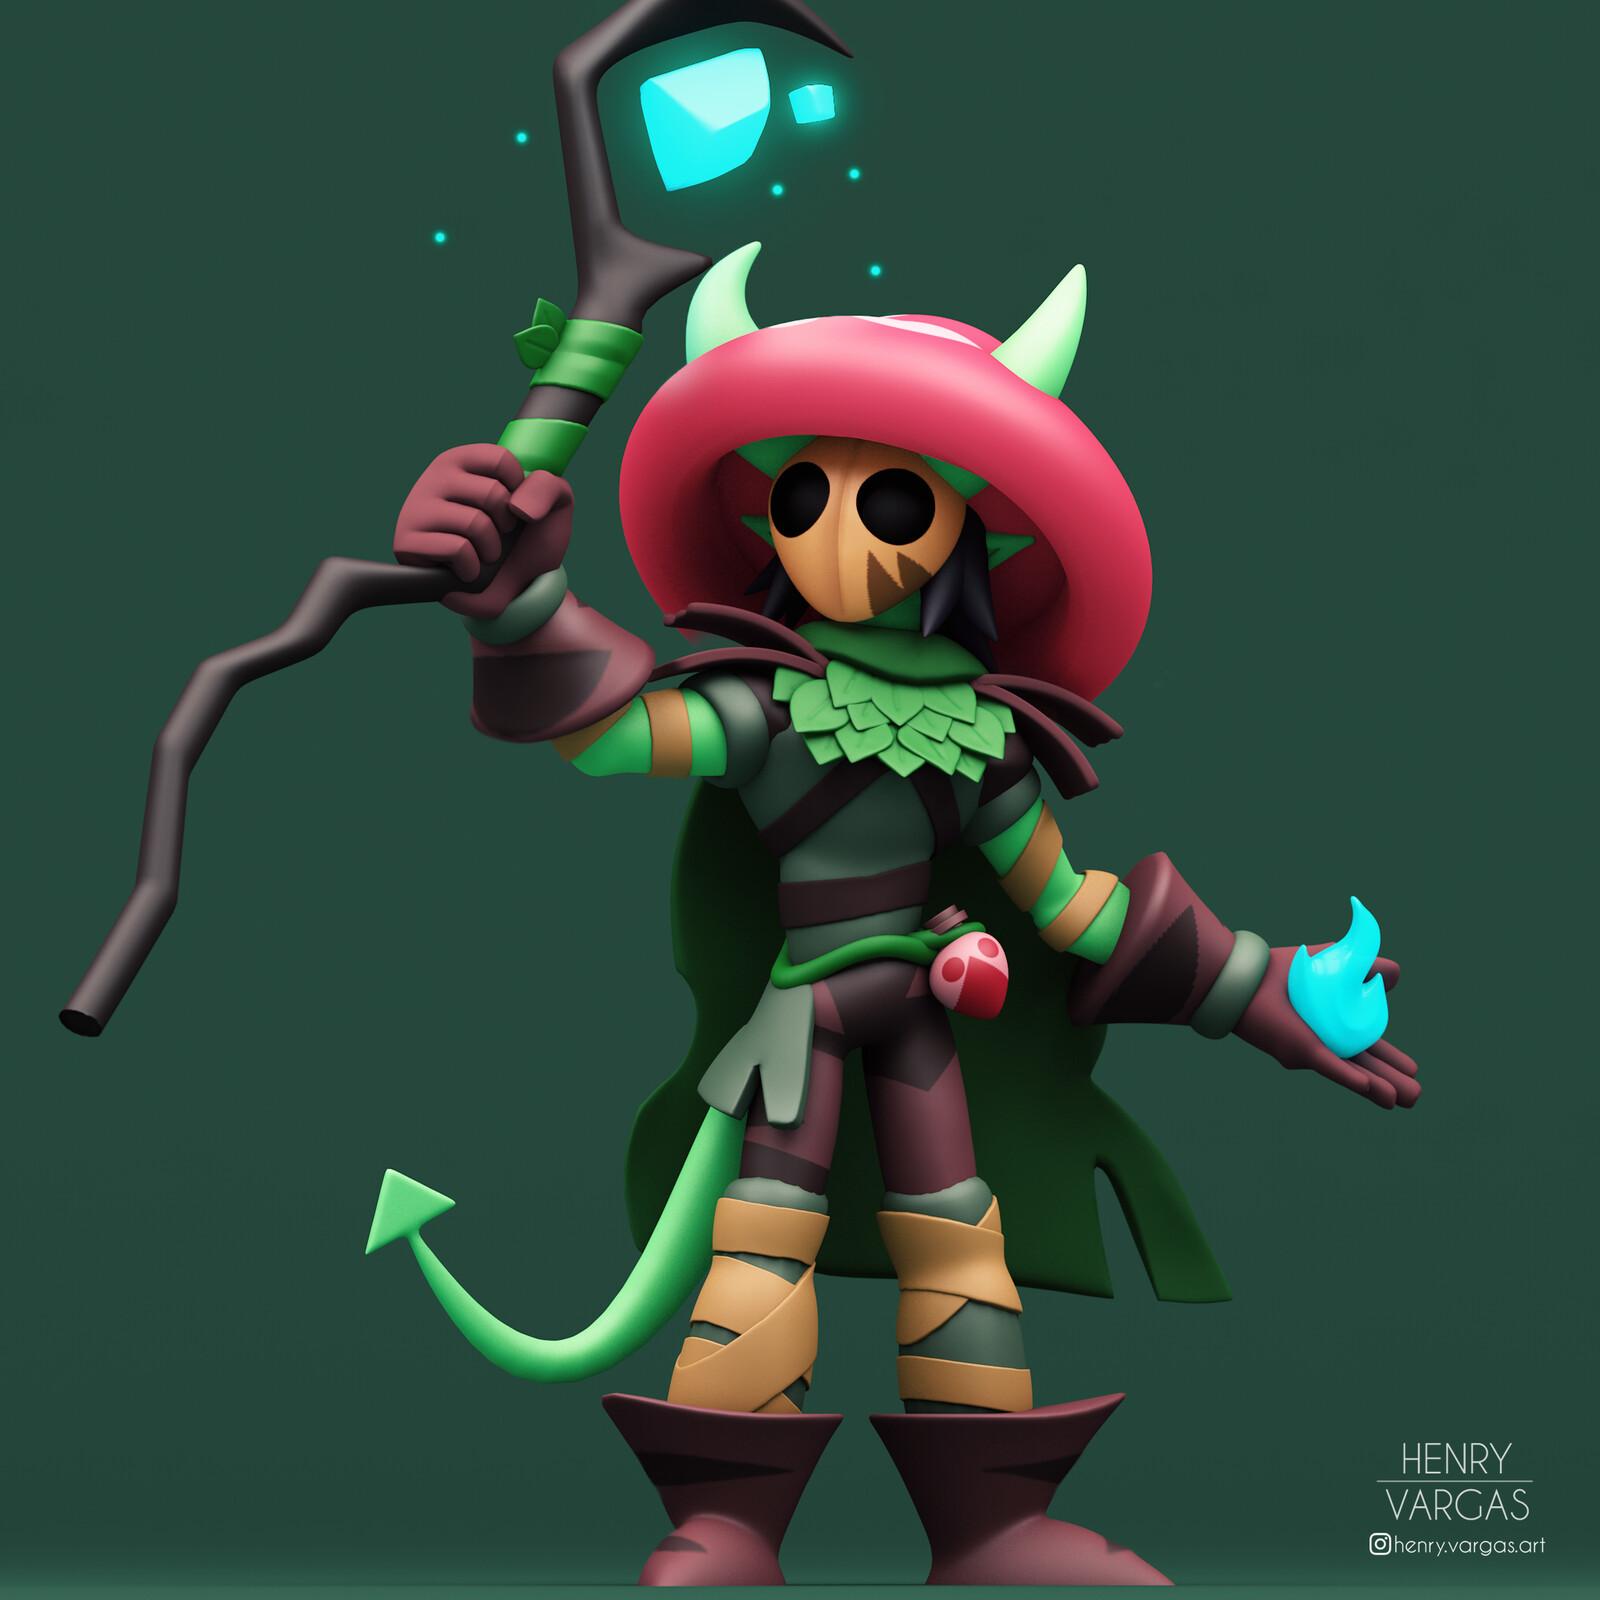 Yara, the Tiefling Druid